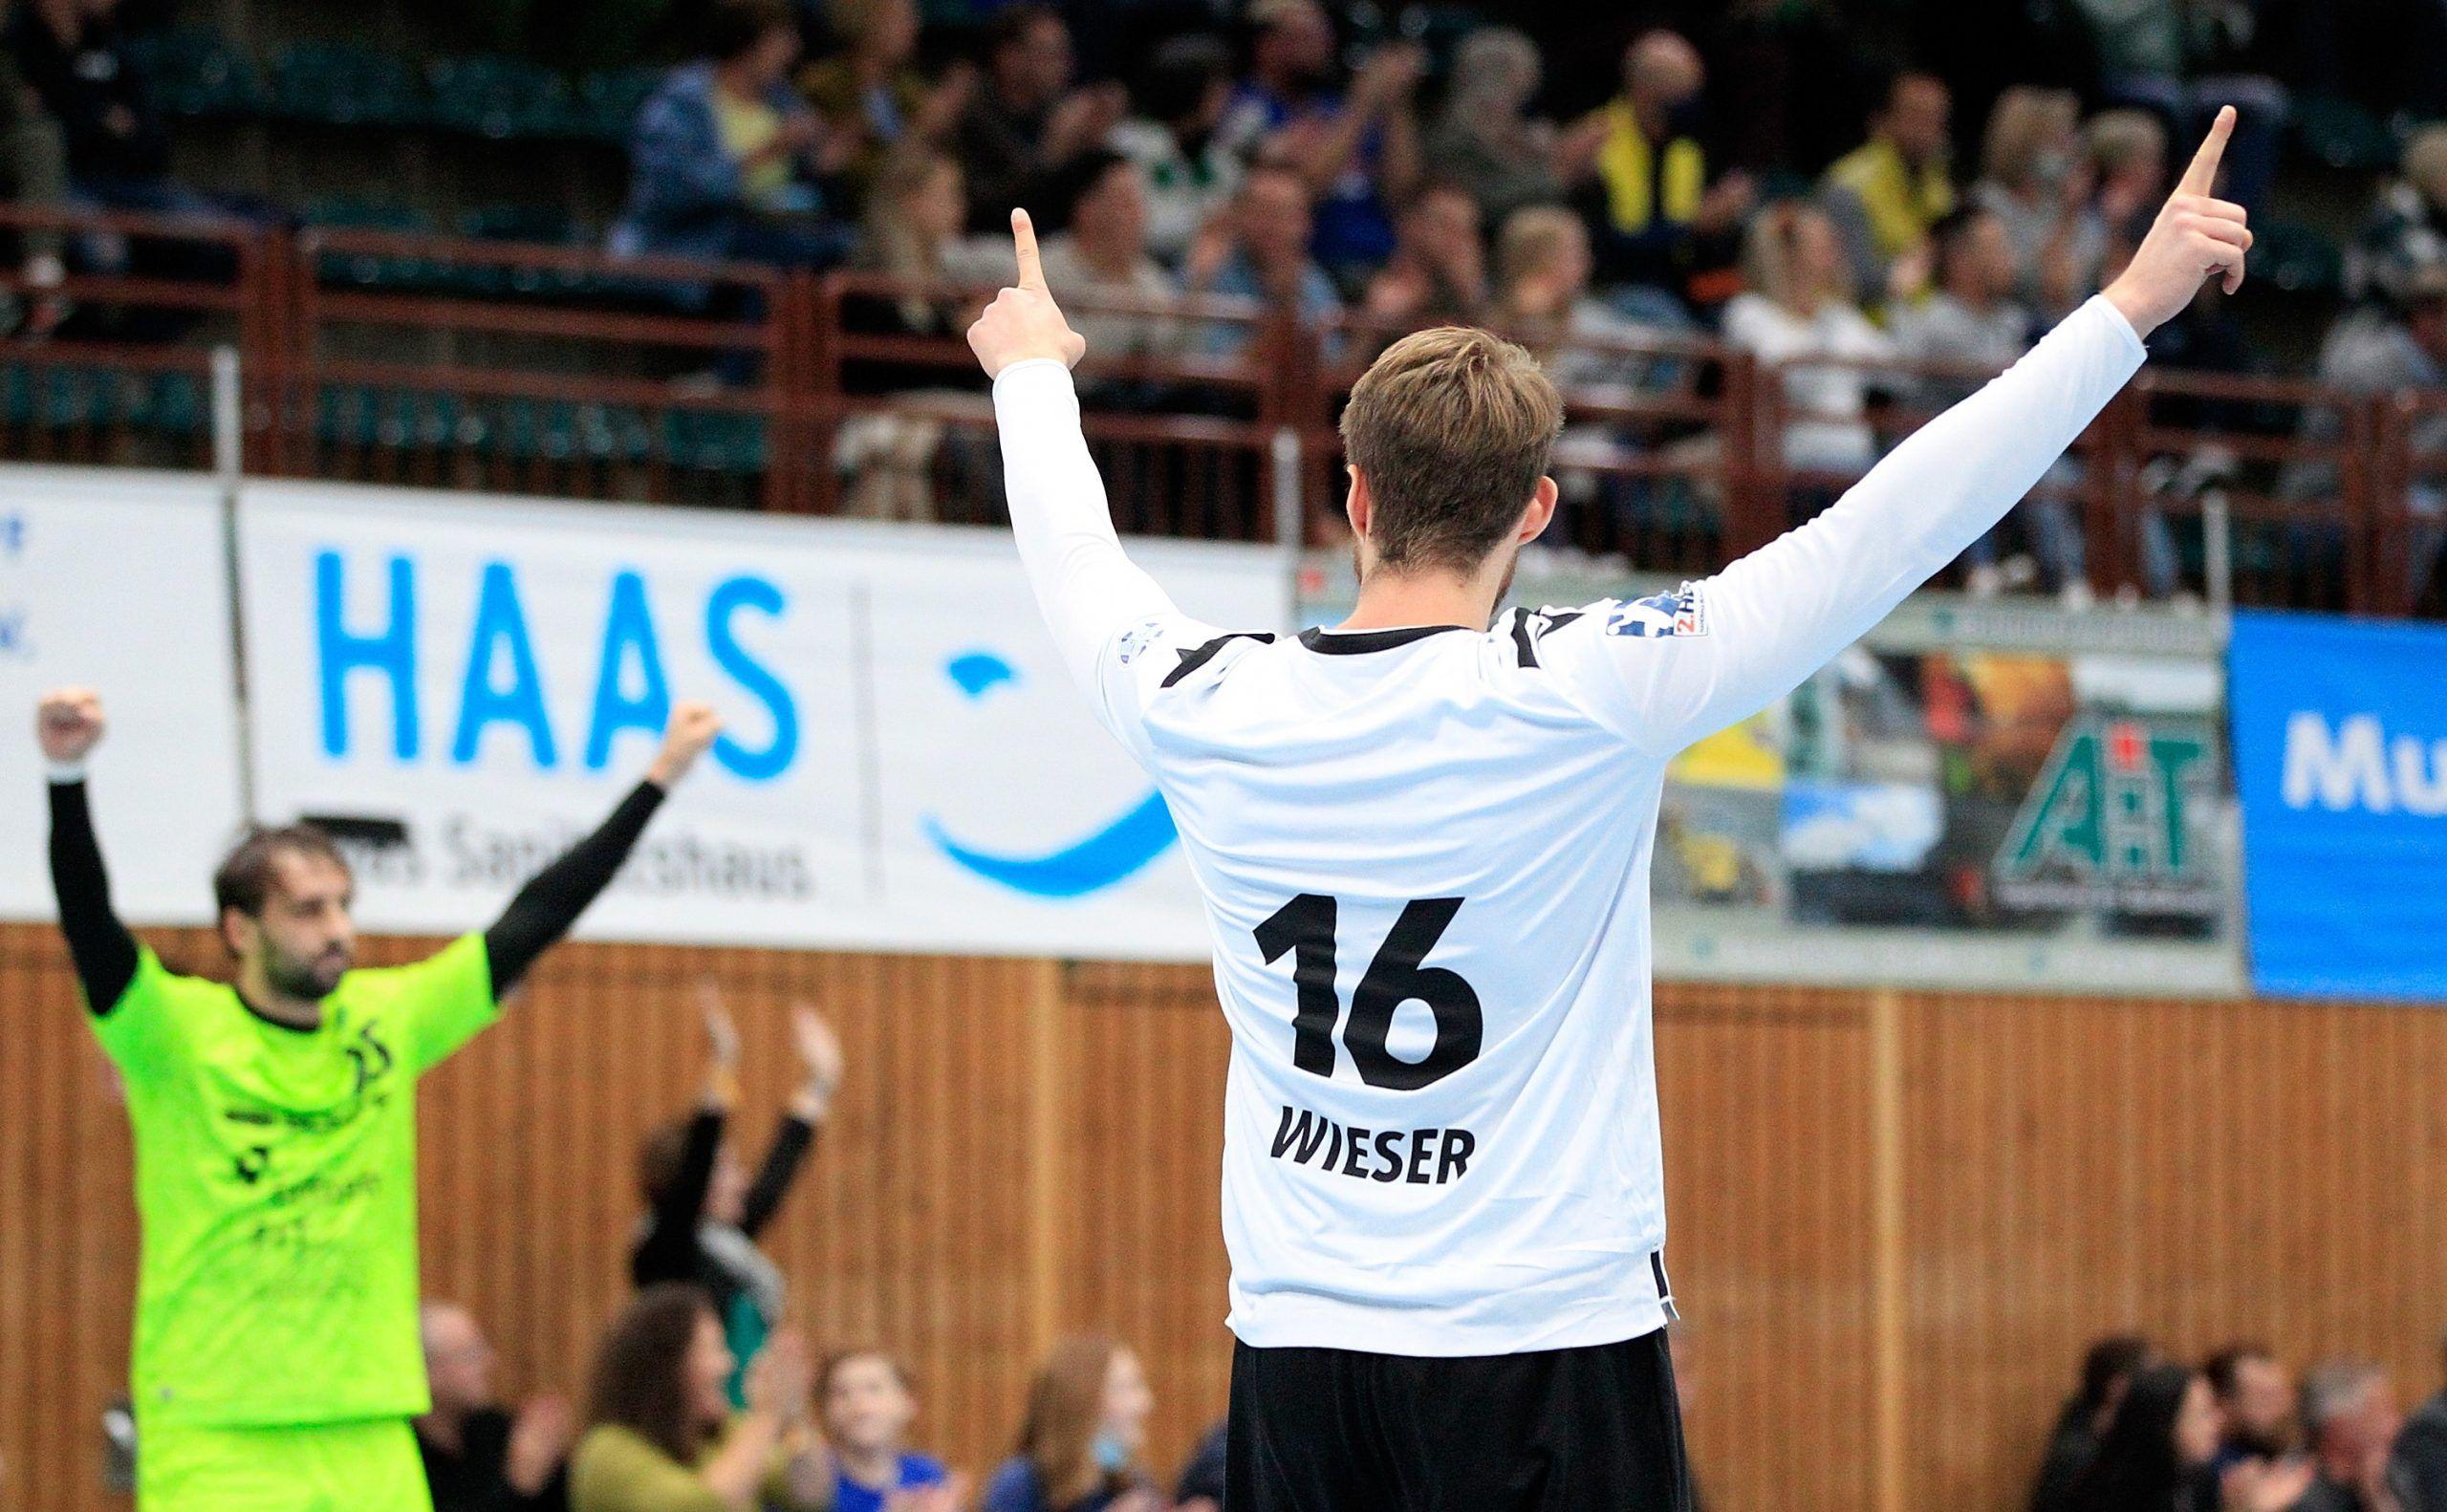 Andreas Wieser